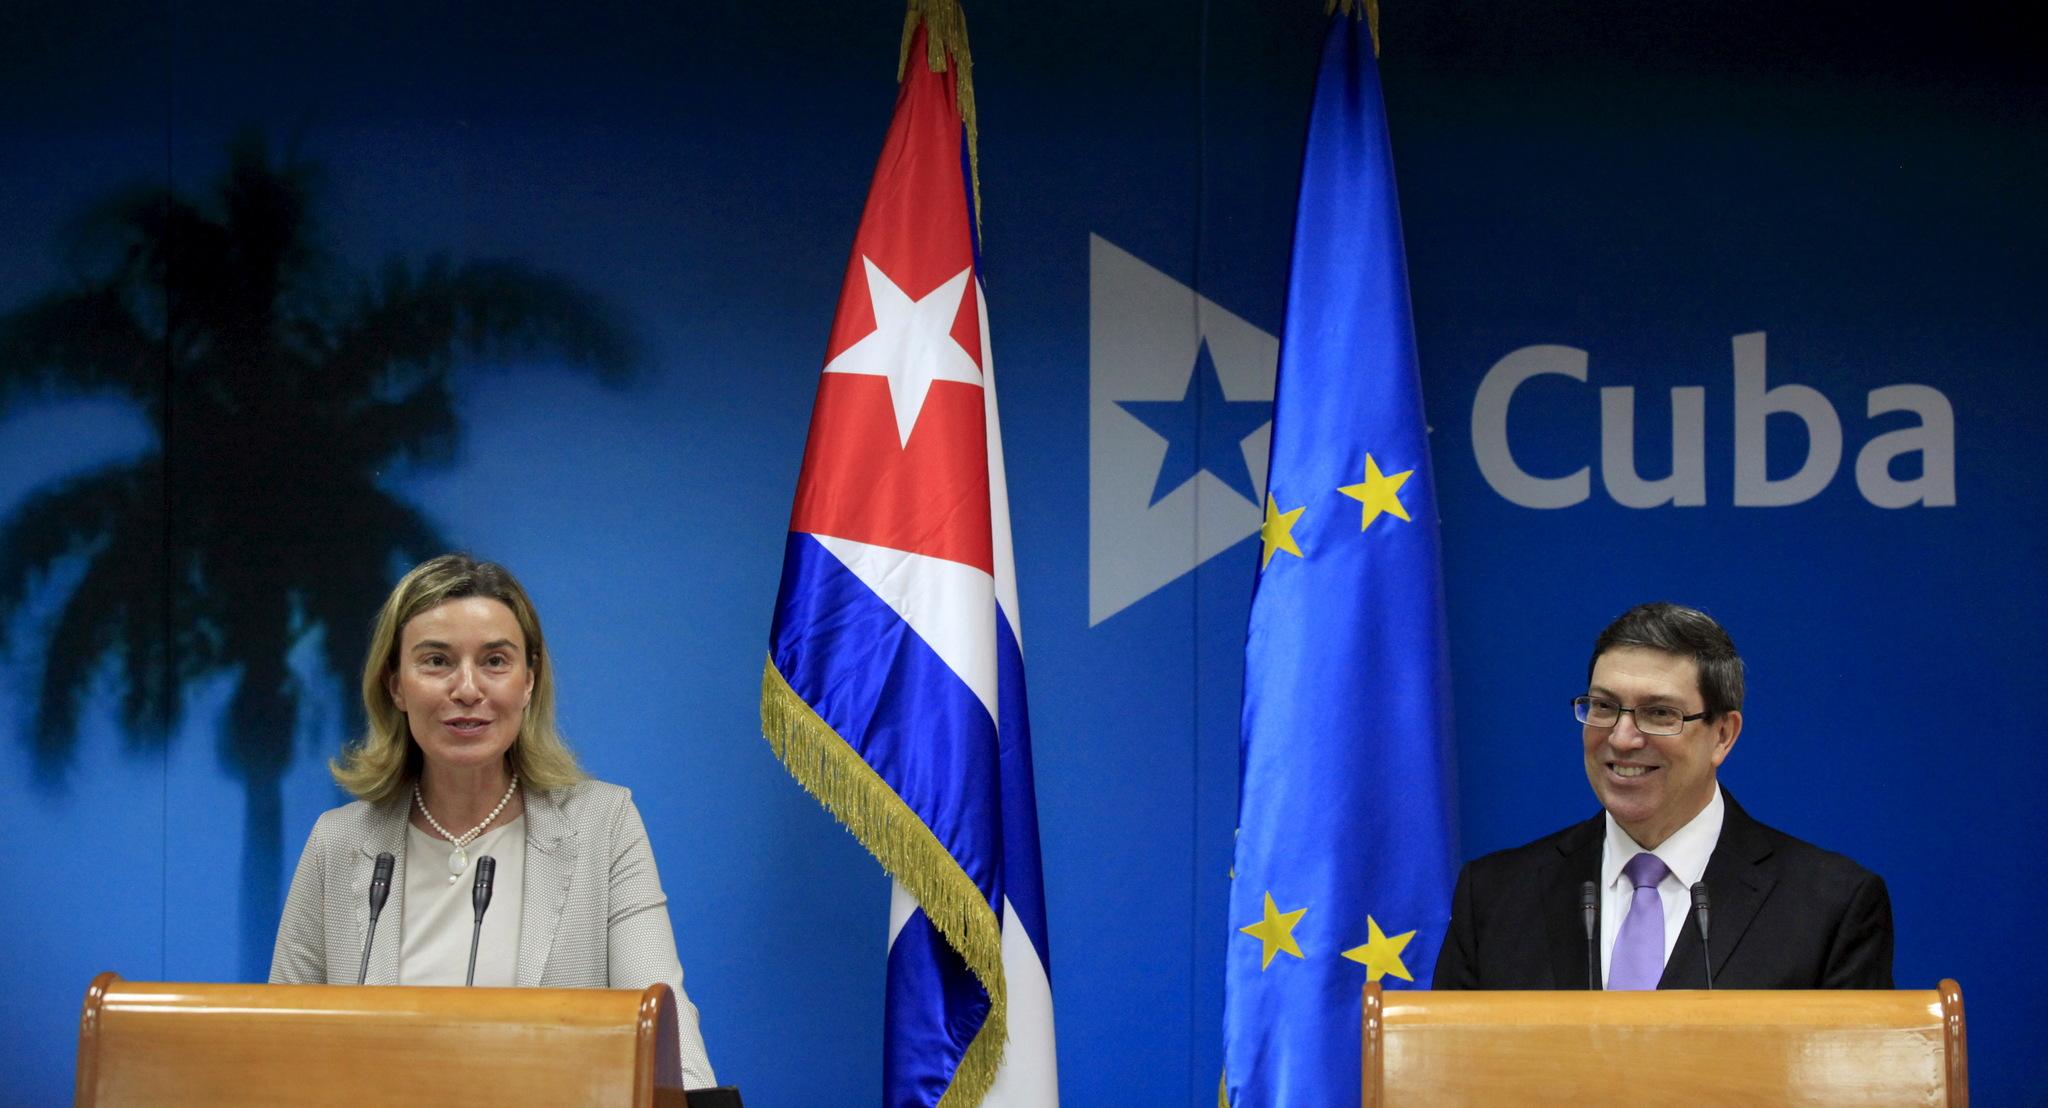 Califica canciller de Cuba de positivas relaciones con UE